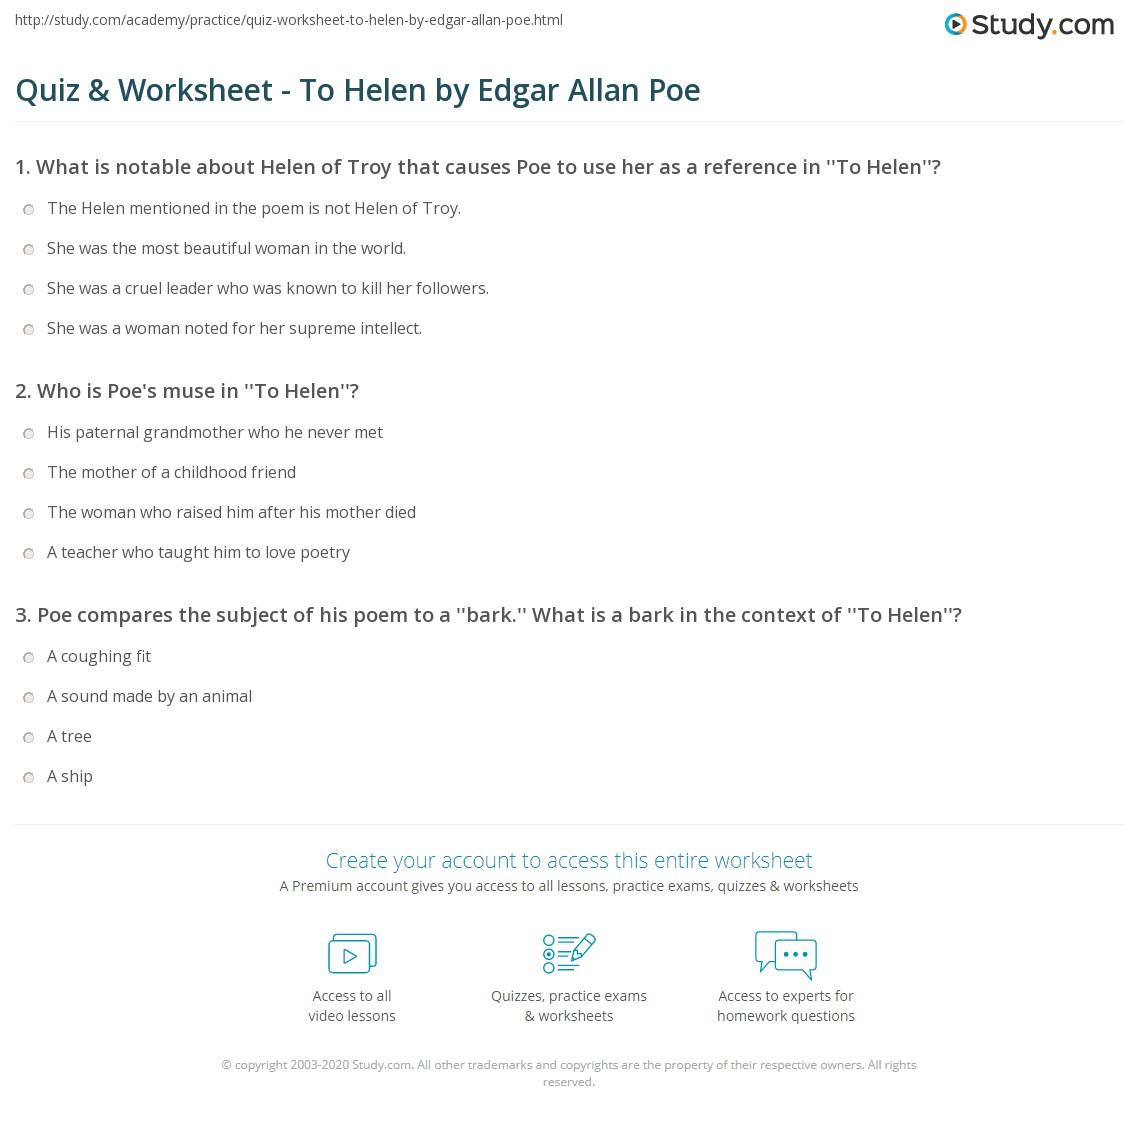 https://study.com/academy/practice/quiz-worksheet-to-helen-by-edgar-allan-poe.jpg